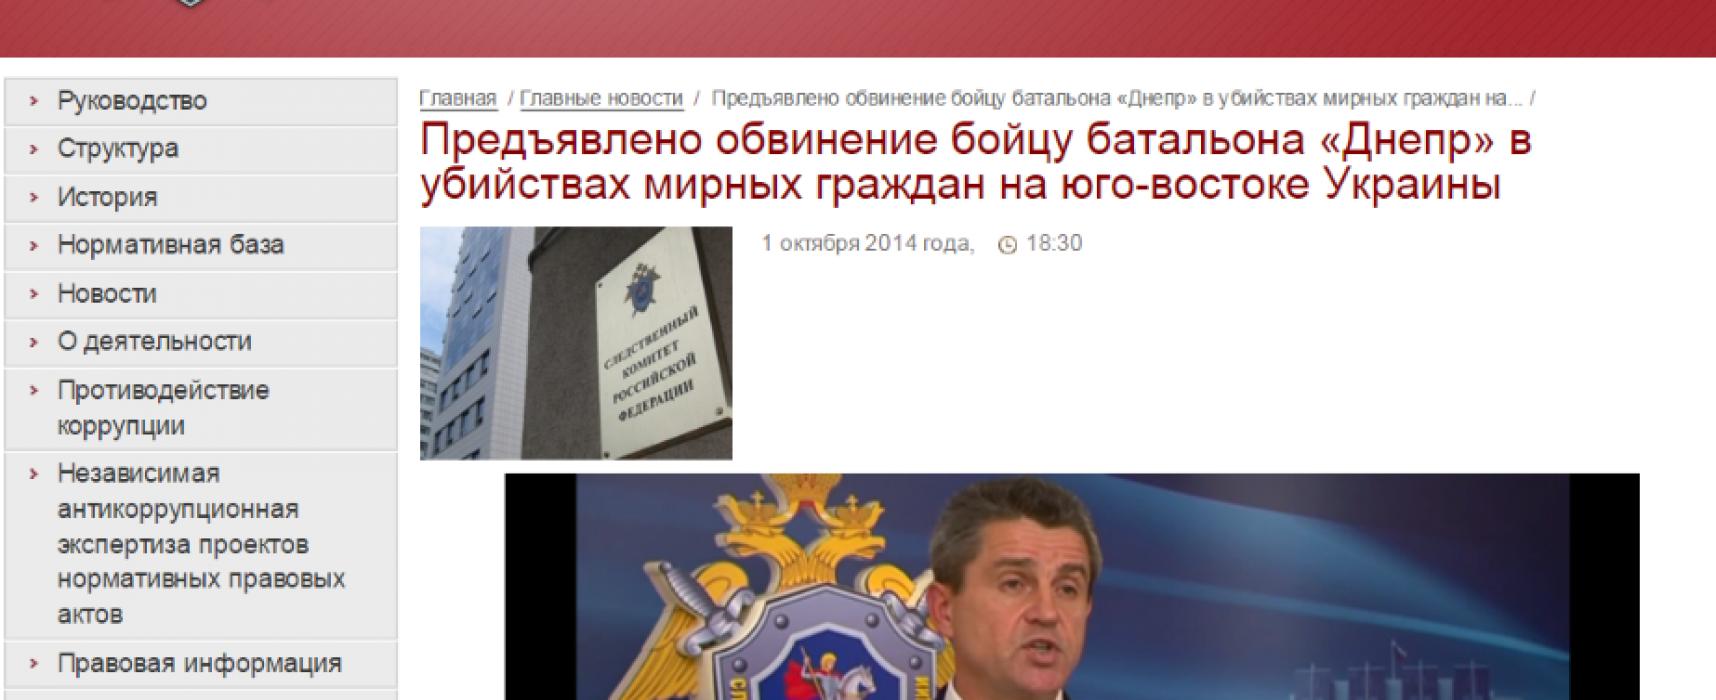 Фейк Следственного комитета РФ: Боец батальона «Днепр» признался в геноциде